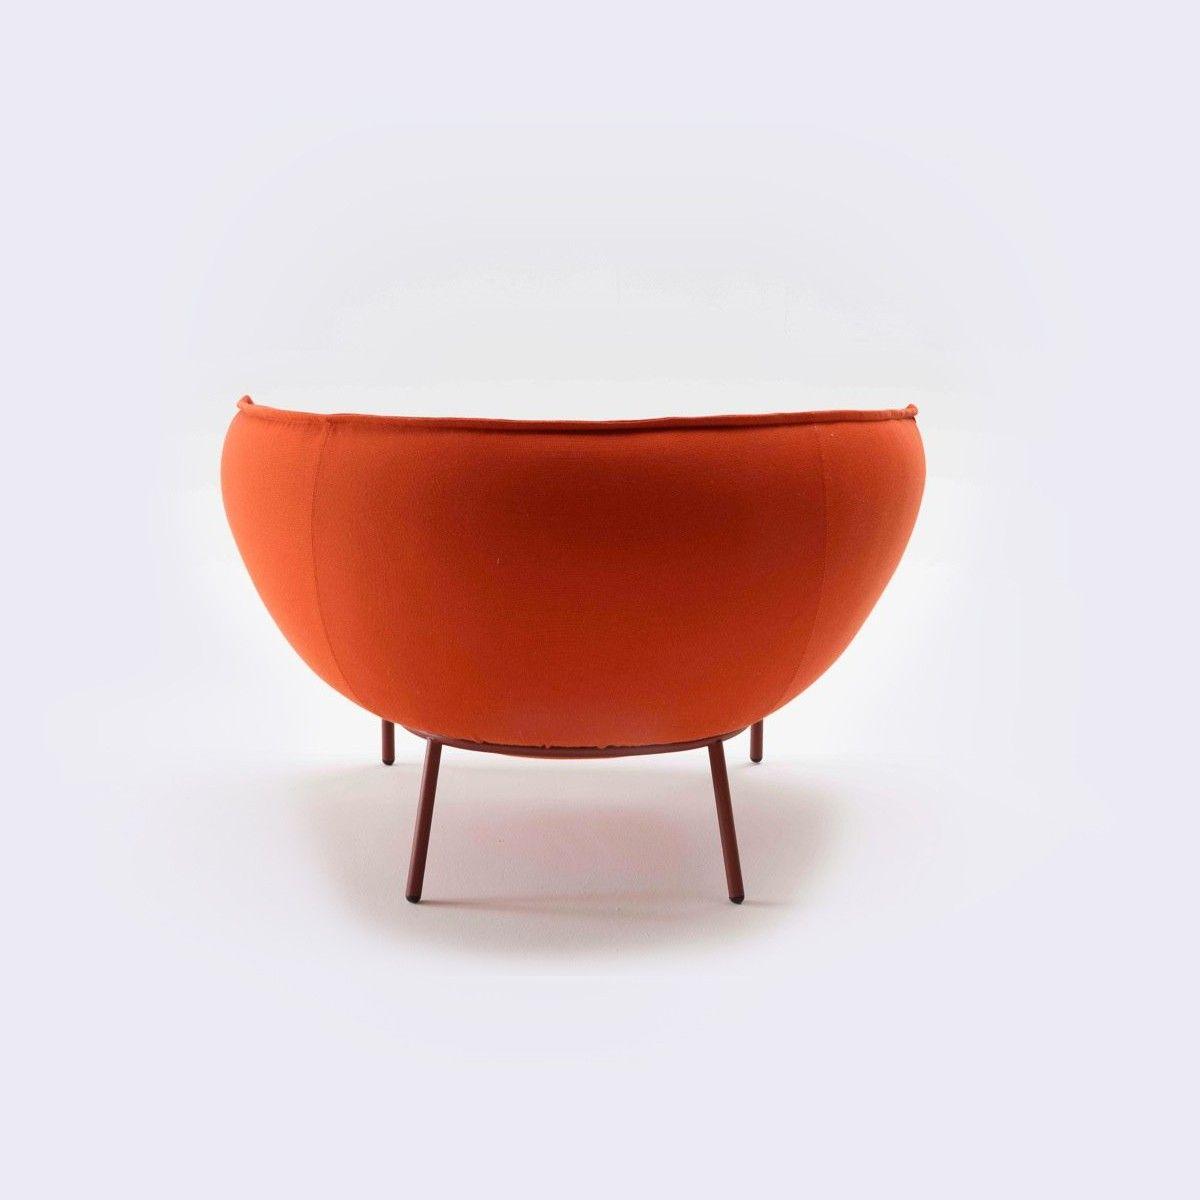 Le fauteuil design You imaginé par le designer italien Luca